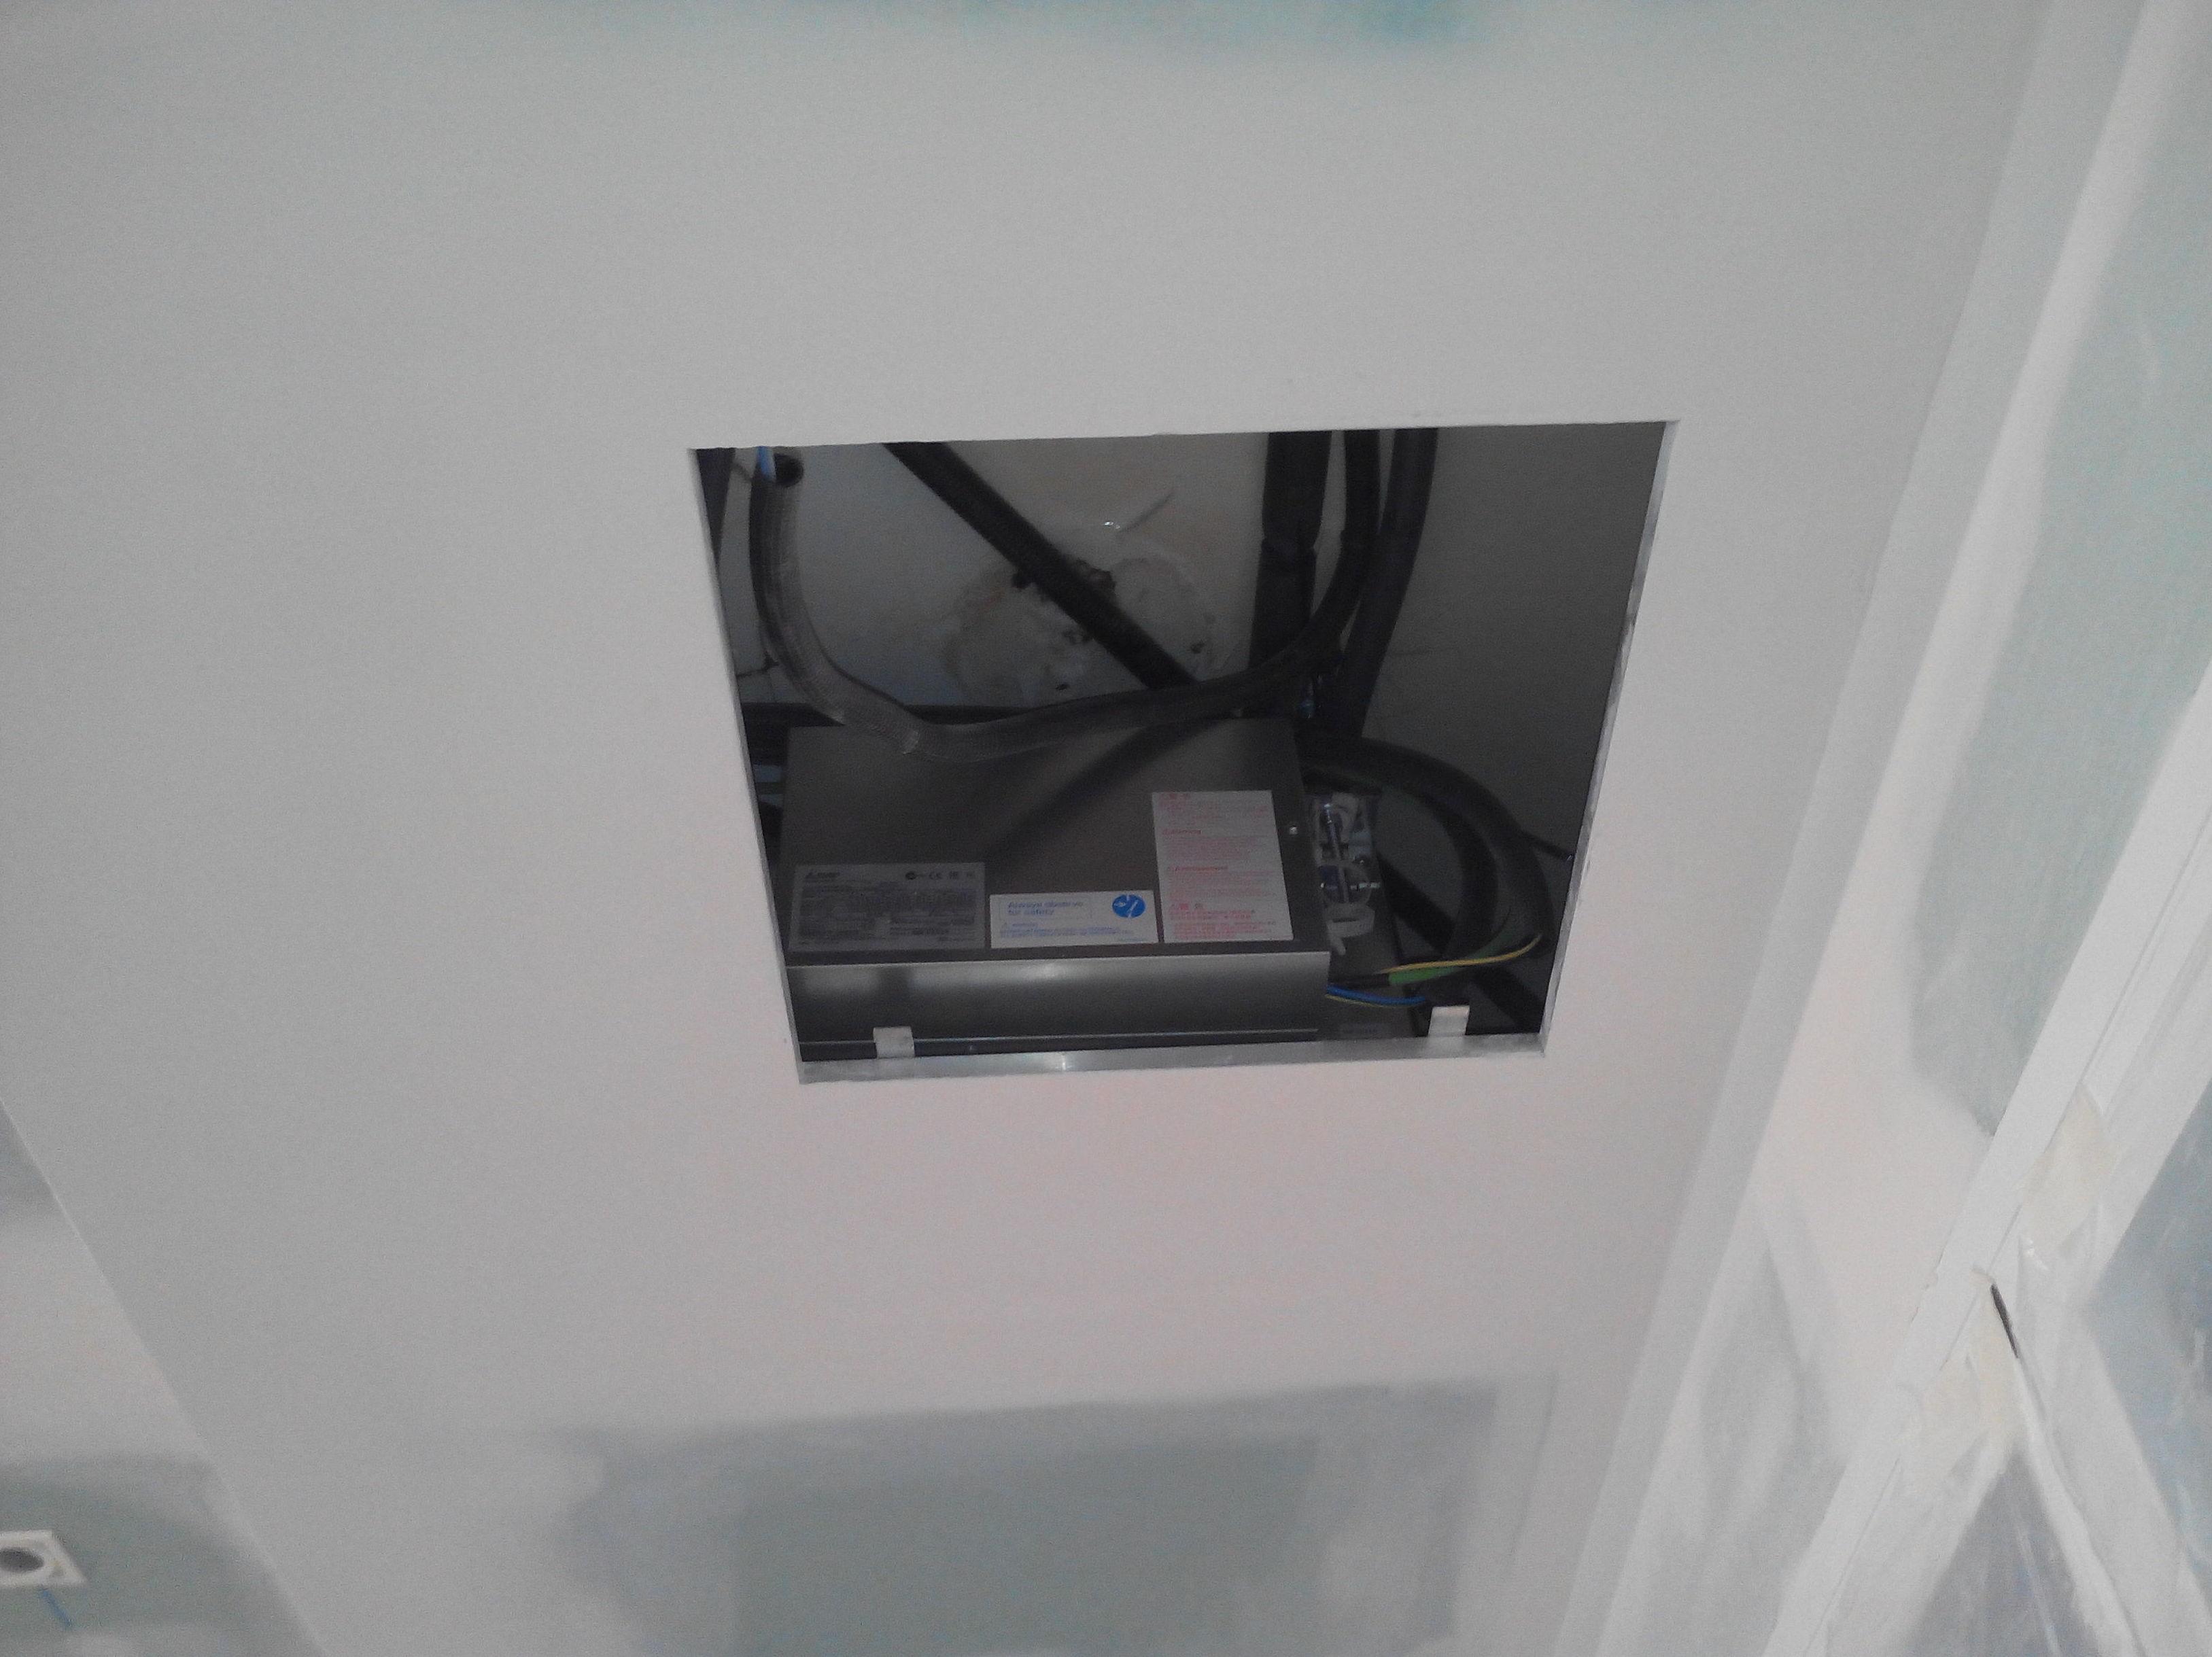 Máquina de conductos en falso techo baño con registro